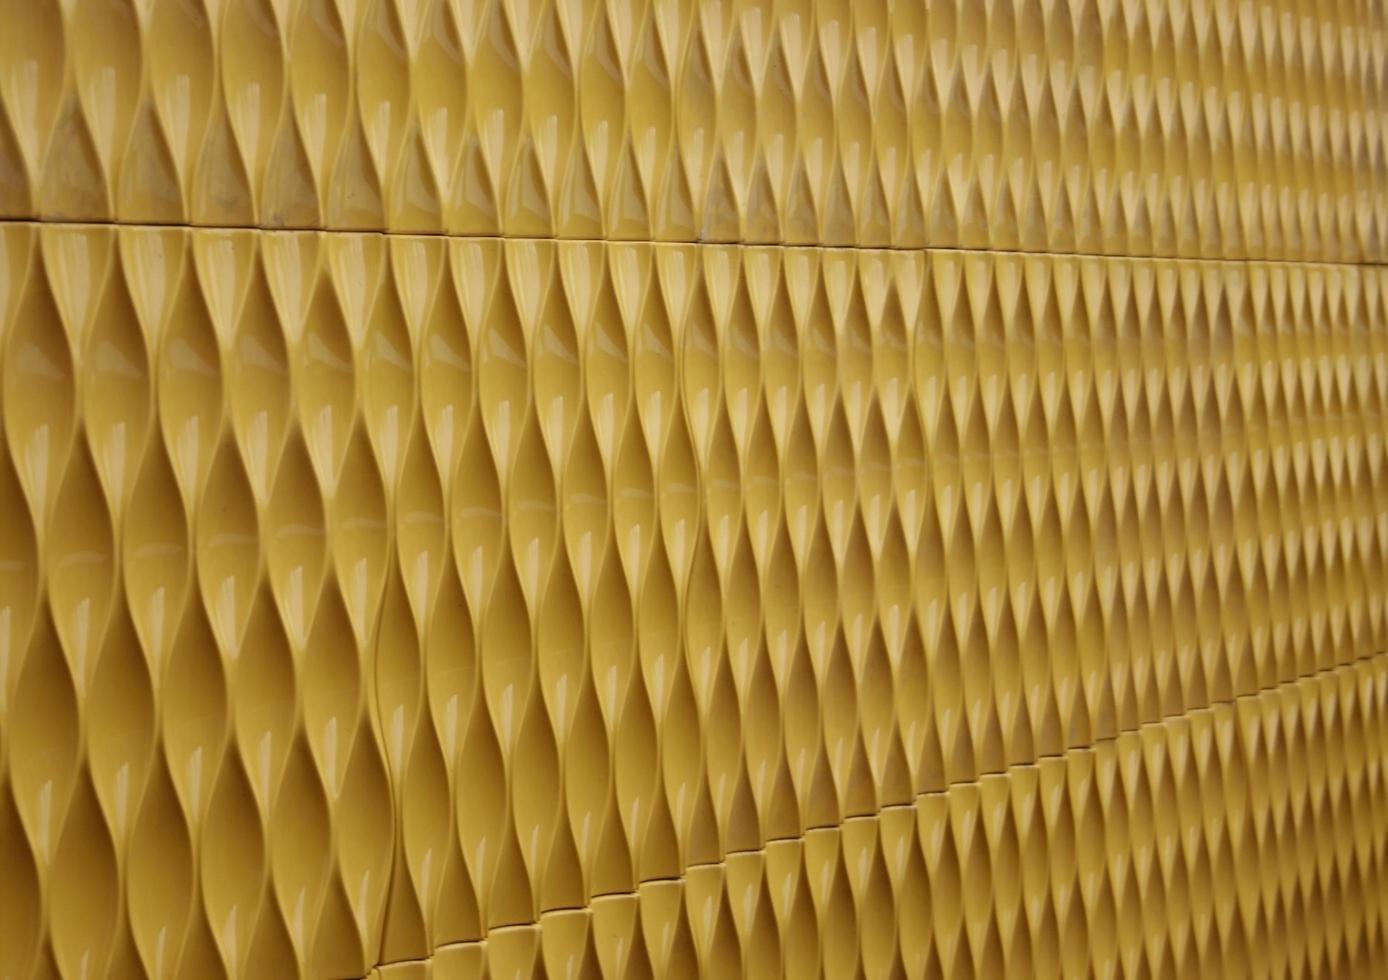 métal ondulé jaune photo